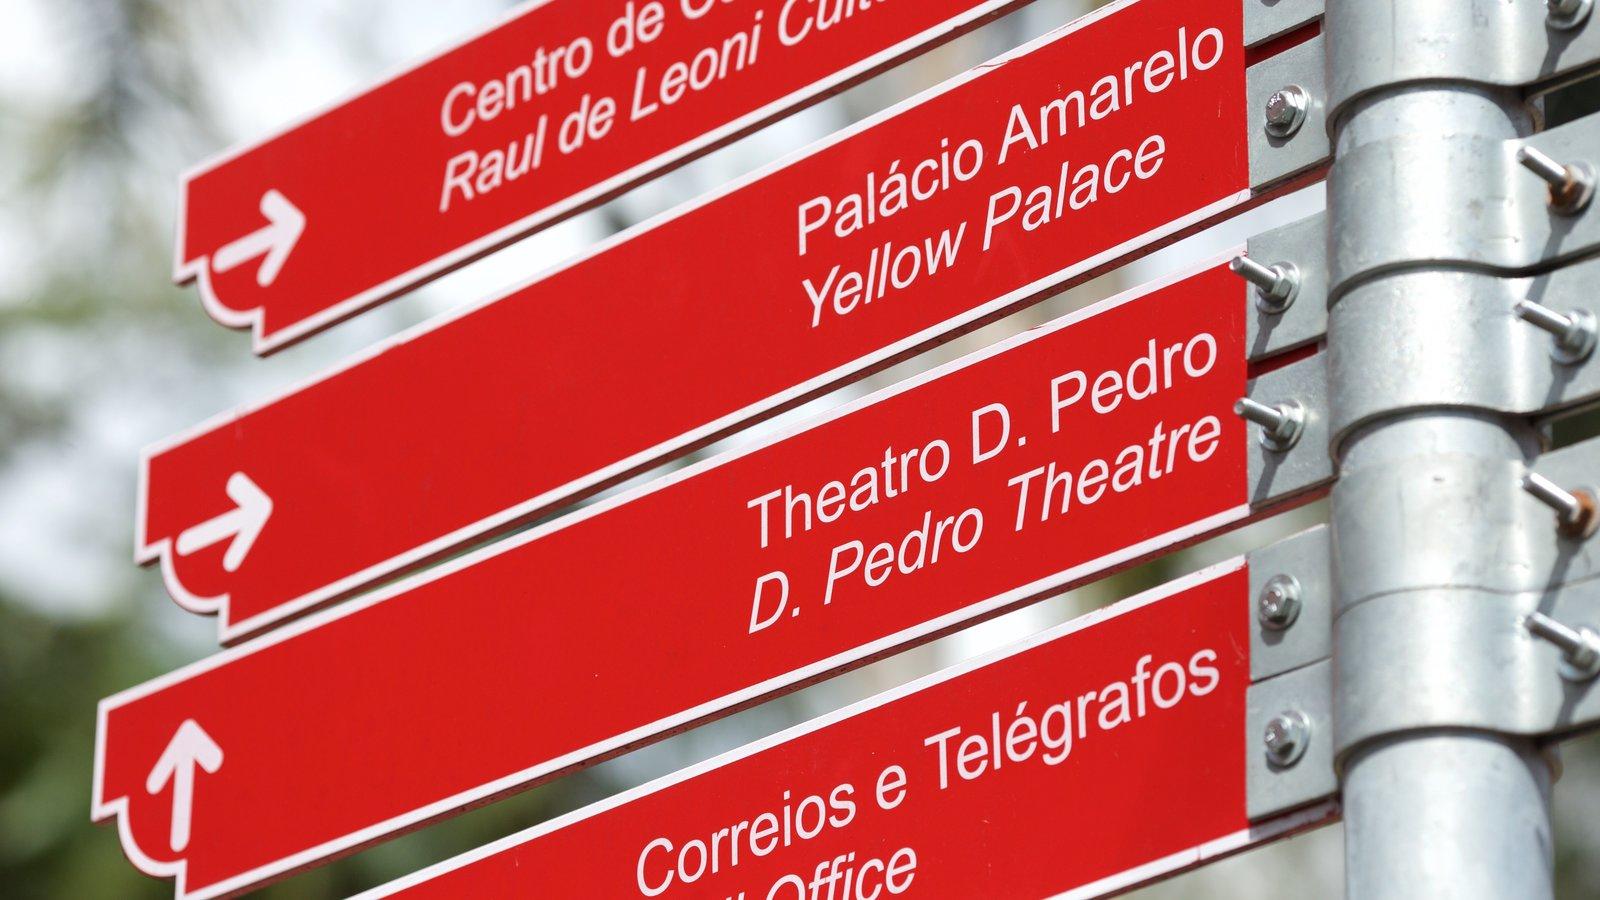 Petrópolis mostrando sinalização